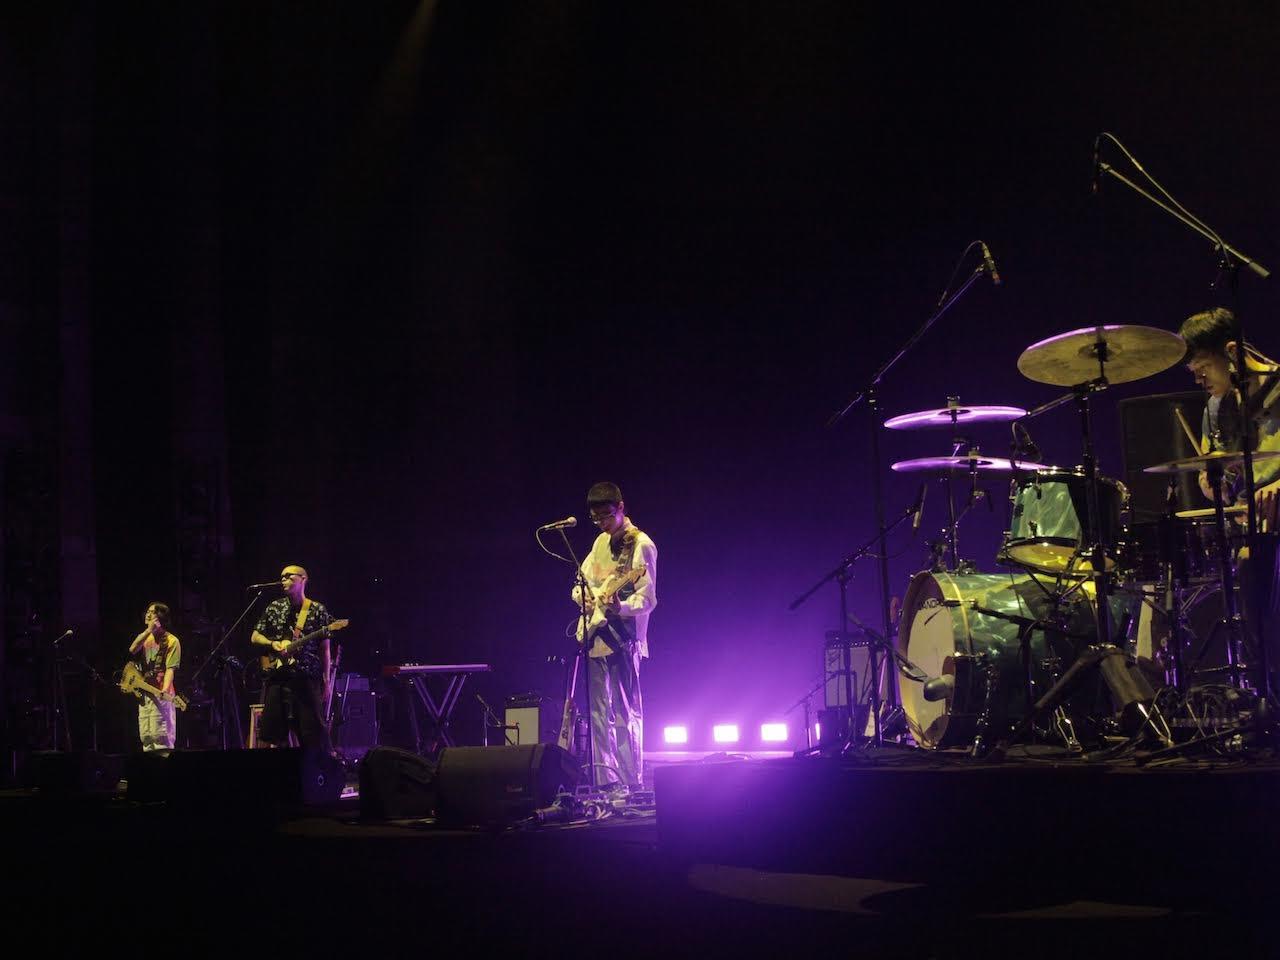 【迷迷現場】南韓樂團 HYUKOH 台北開唱 挺同婚「無論是什麼形式的愛都值得獲得幸福」